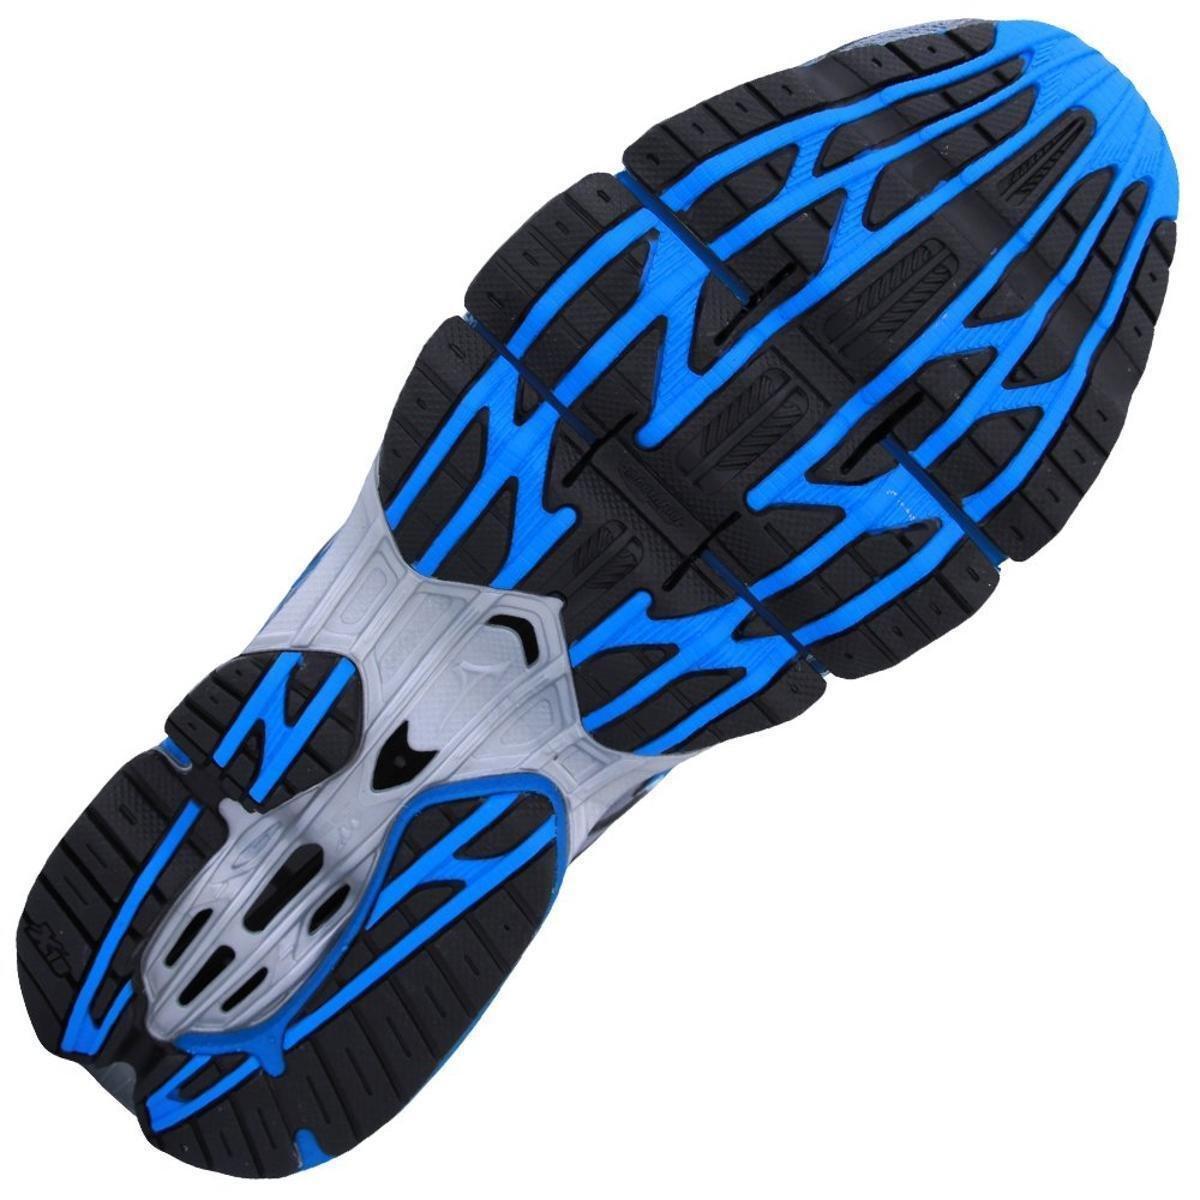 325a421af8 Tênis Mizuno Wave Prophecy 7 Masculino - Prata e Azul - Compre Agora .